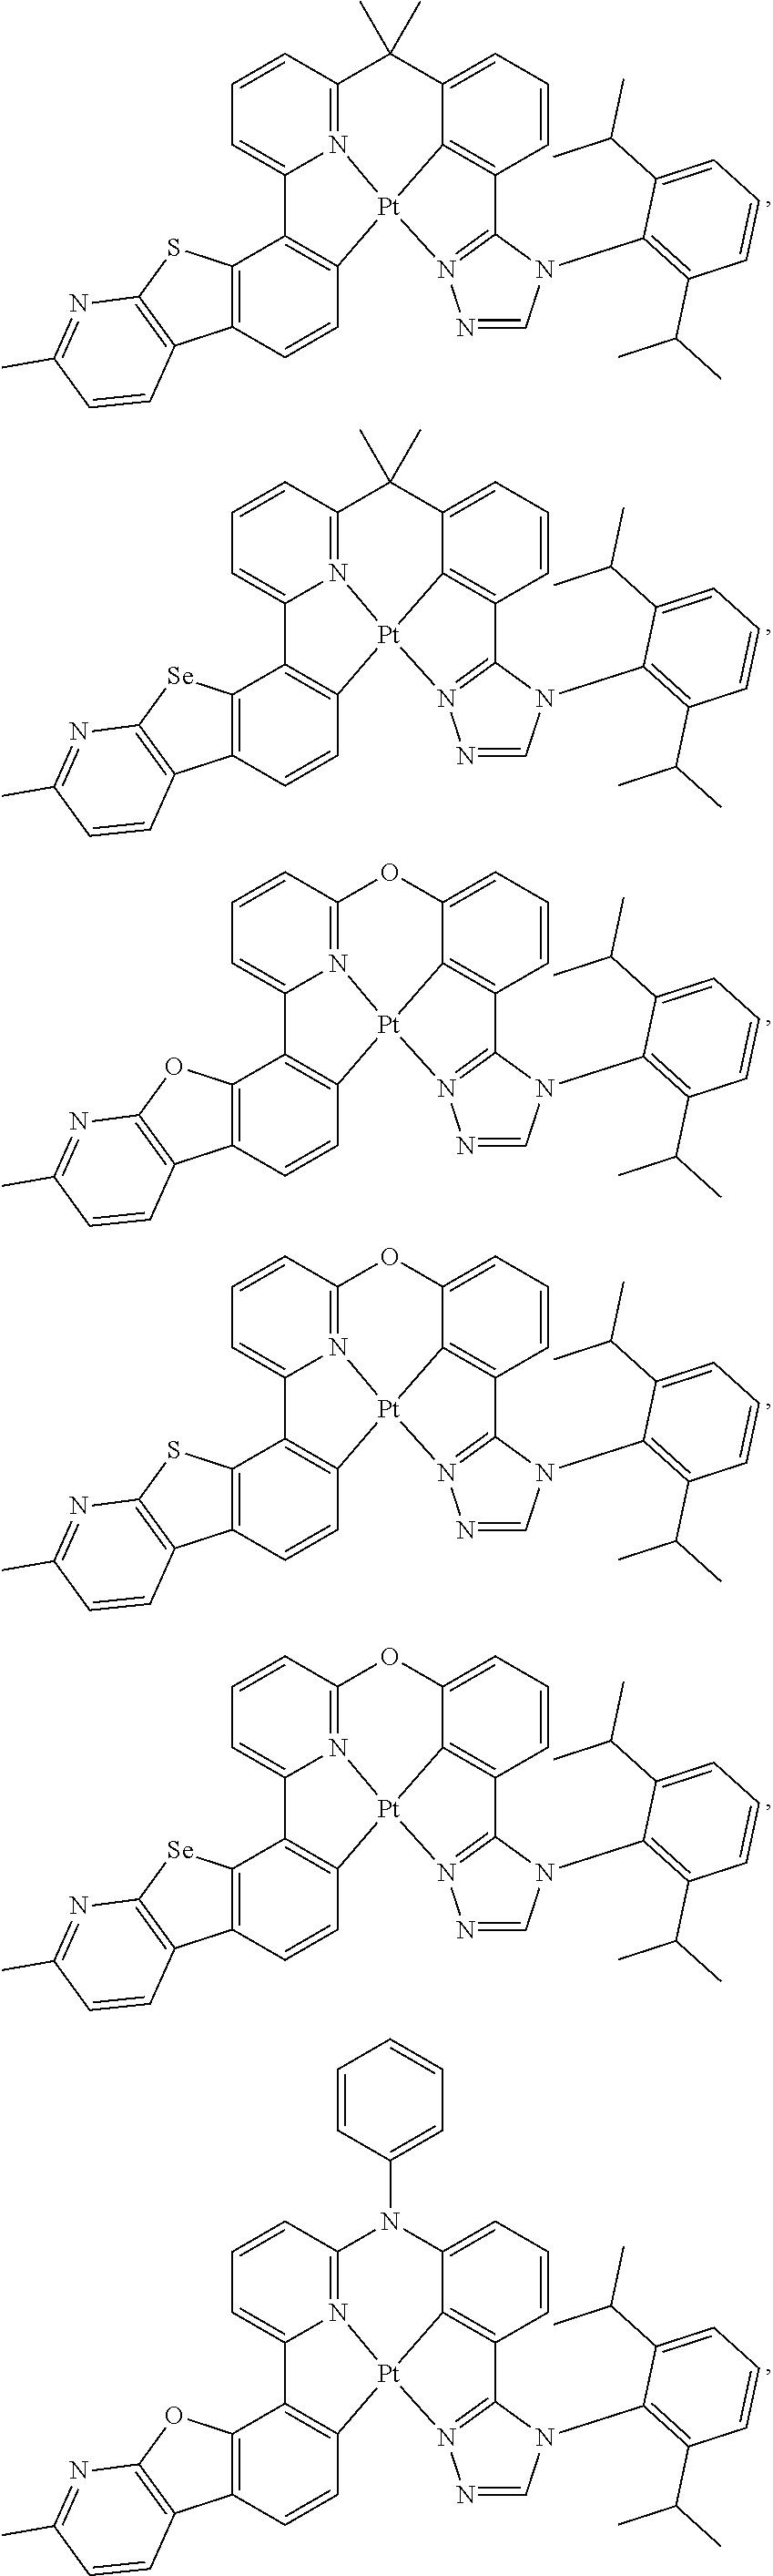 Figure US09871214-20180116-C00028